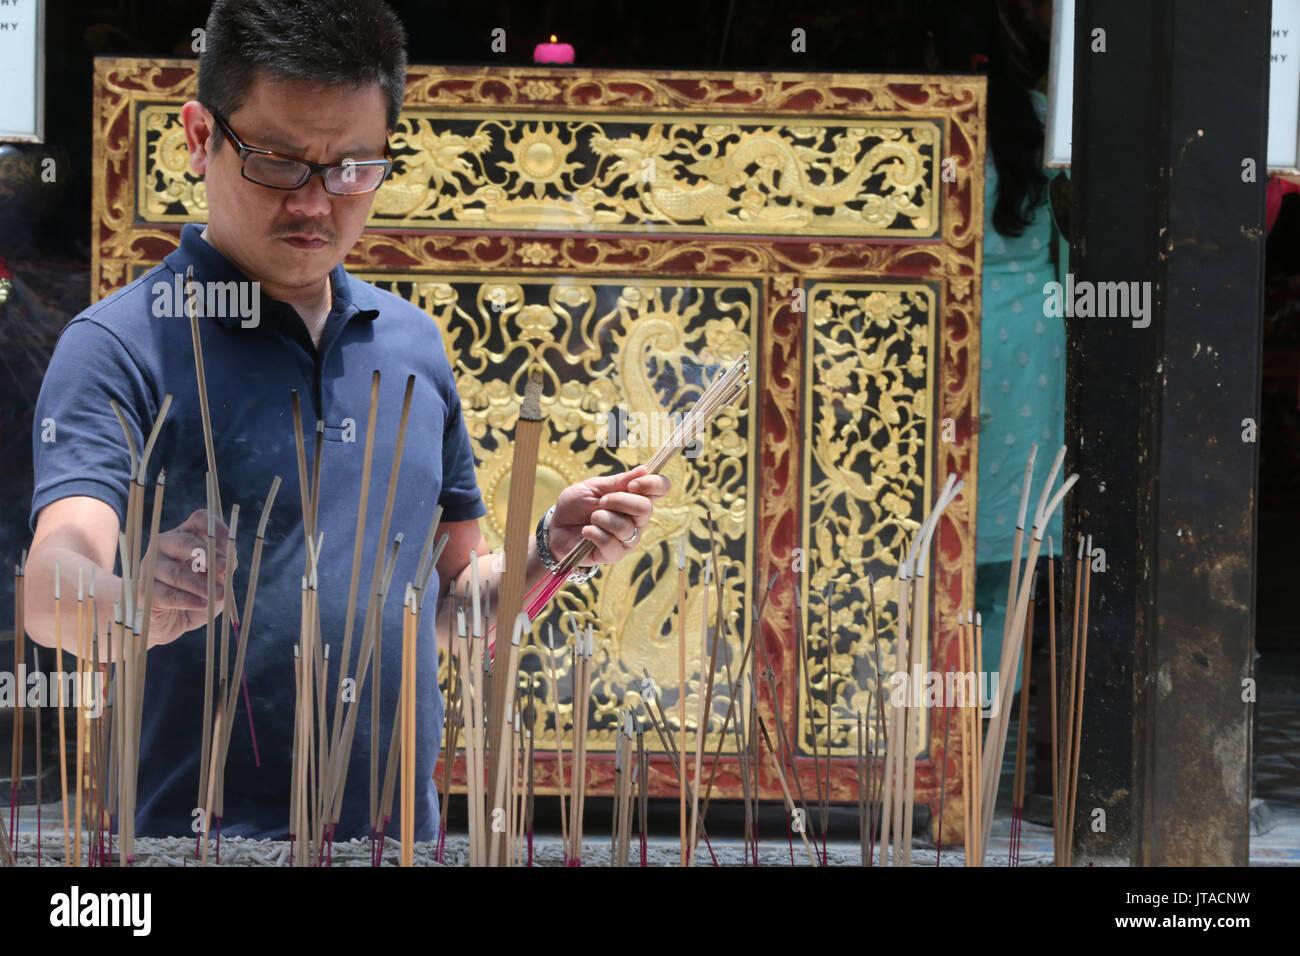 Un uomo cinese a pregare e ad offrire incenso, Thian Hock Keng Temple, Singapore, Sud-est asiatico, in Asia Immagini Stock